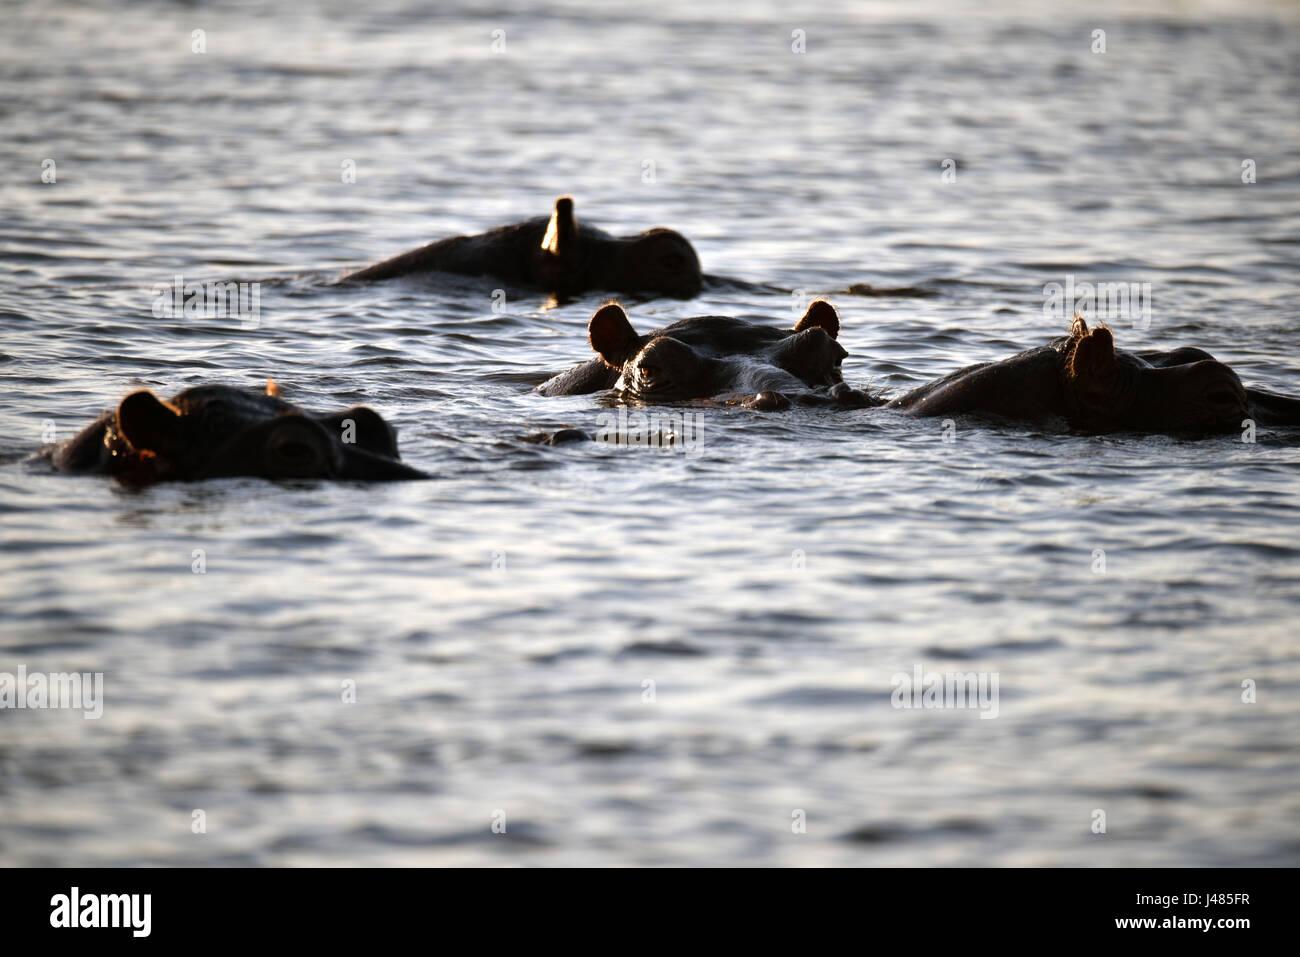 Au cours de la journée, hippopotames restent généralement sous-marine immergée, à soulever Photo Stock